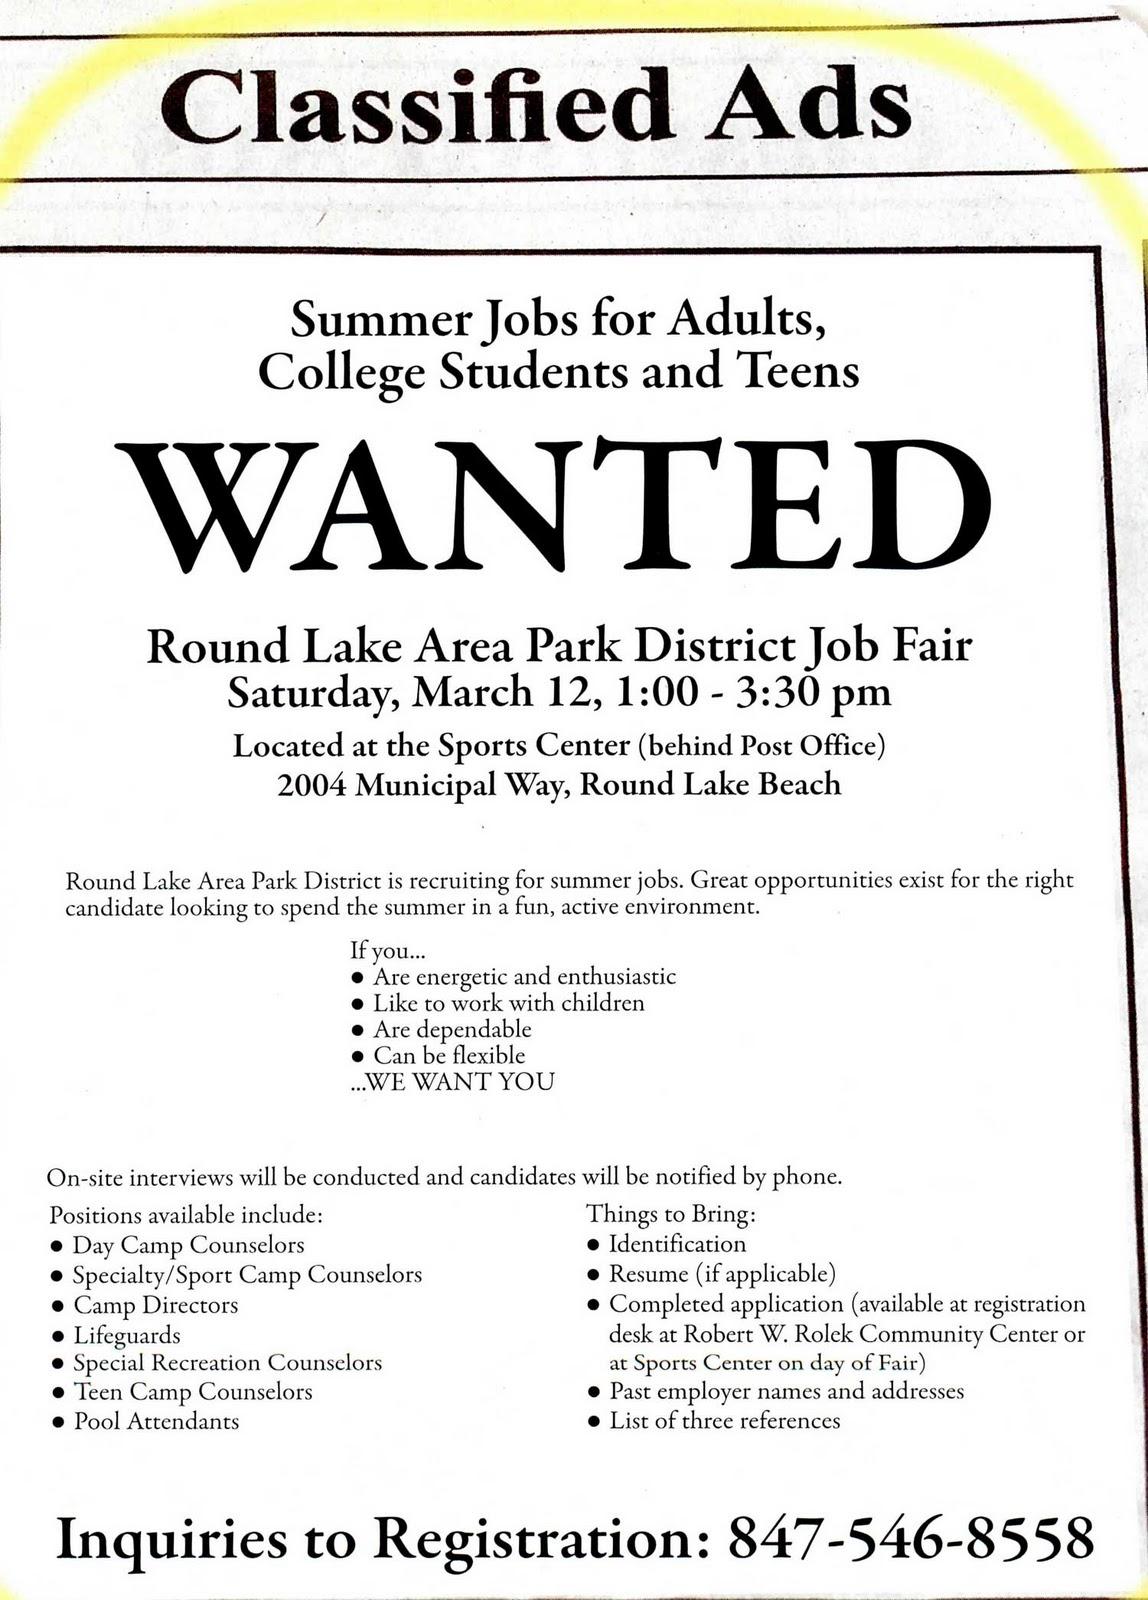 Job Flyer Examples - roy420.tk